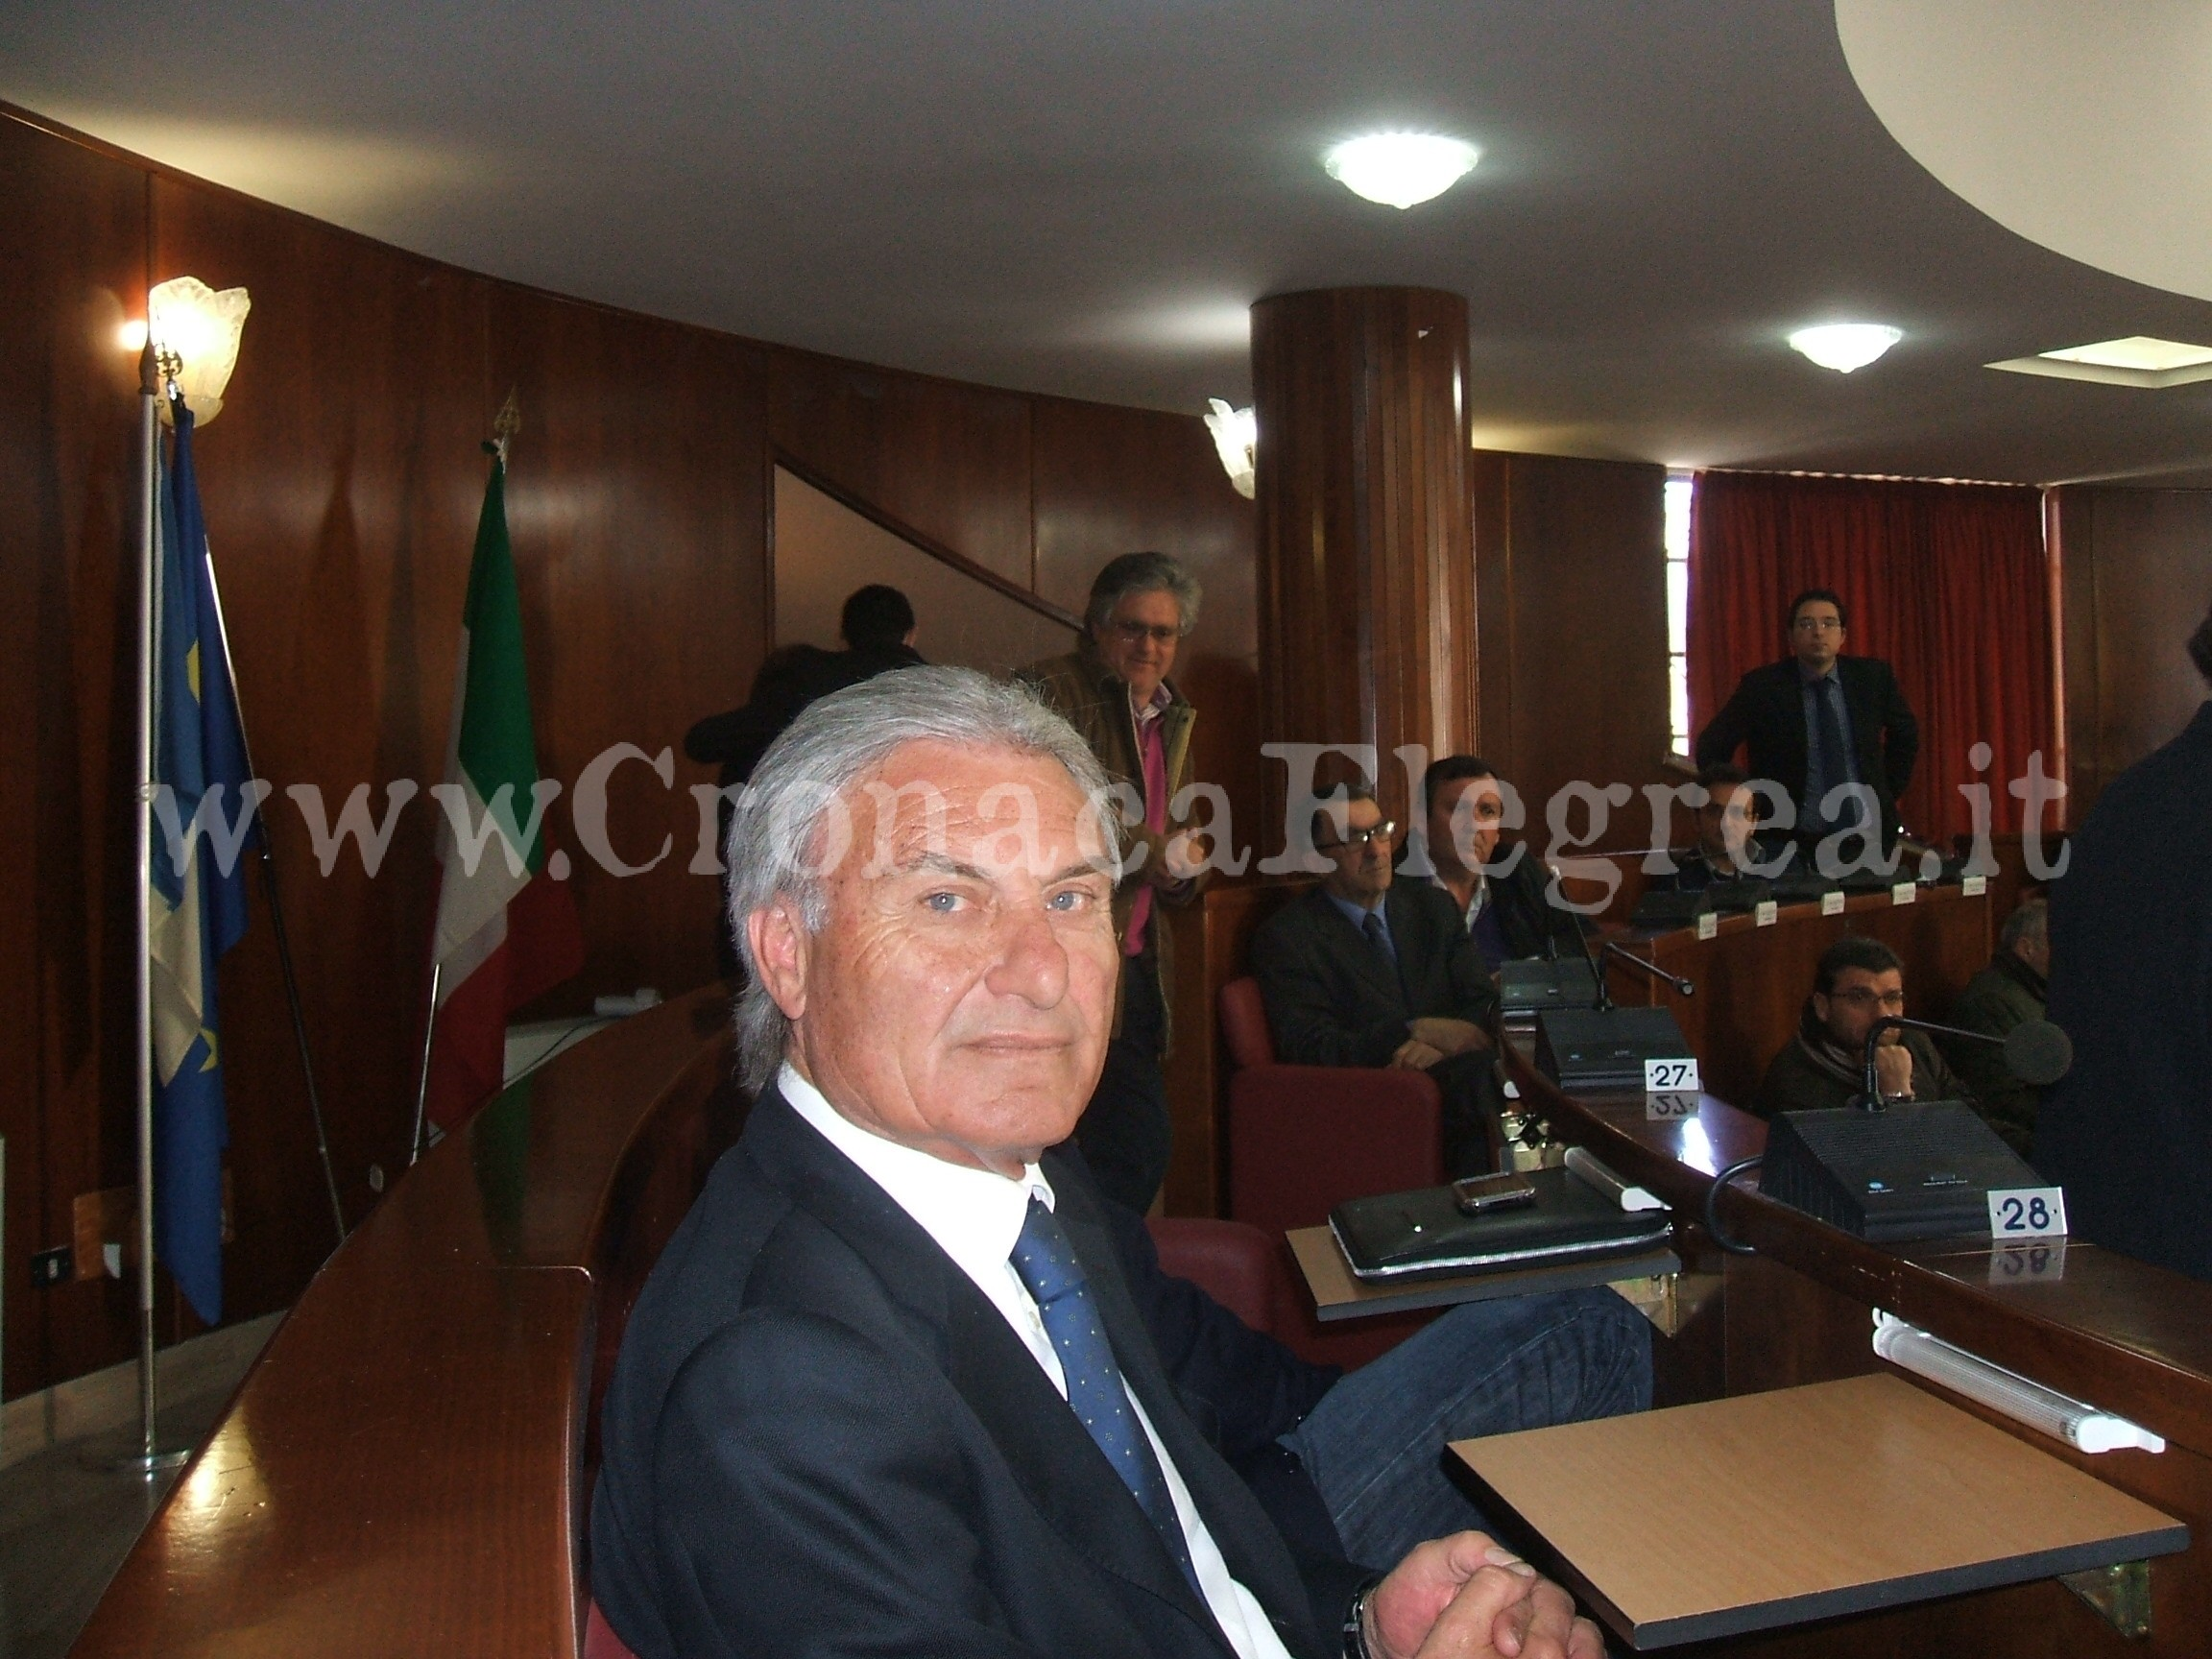 Mario Consigliere Carlo Morto L'ex Quarto Comunale Giaccio E' roCxeWdBQ